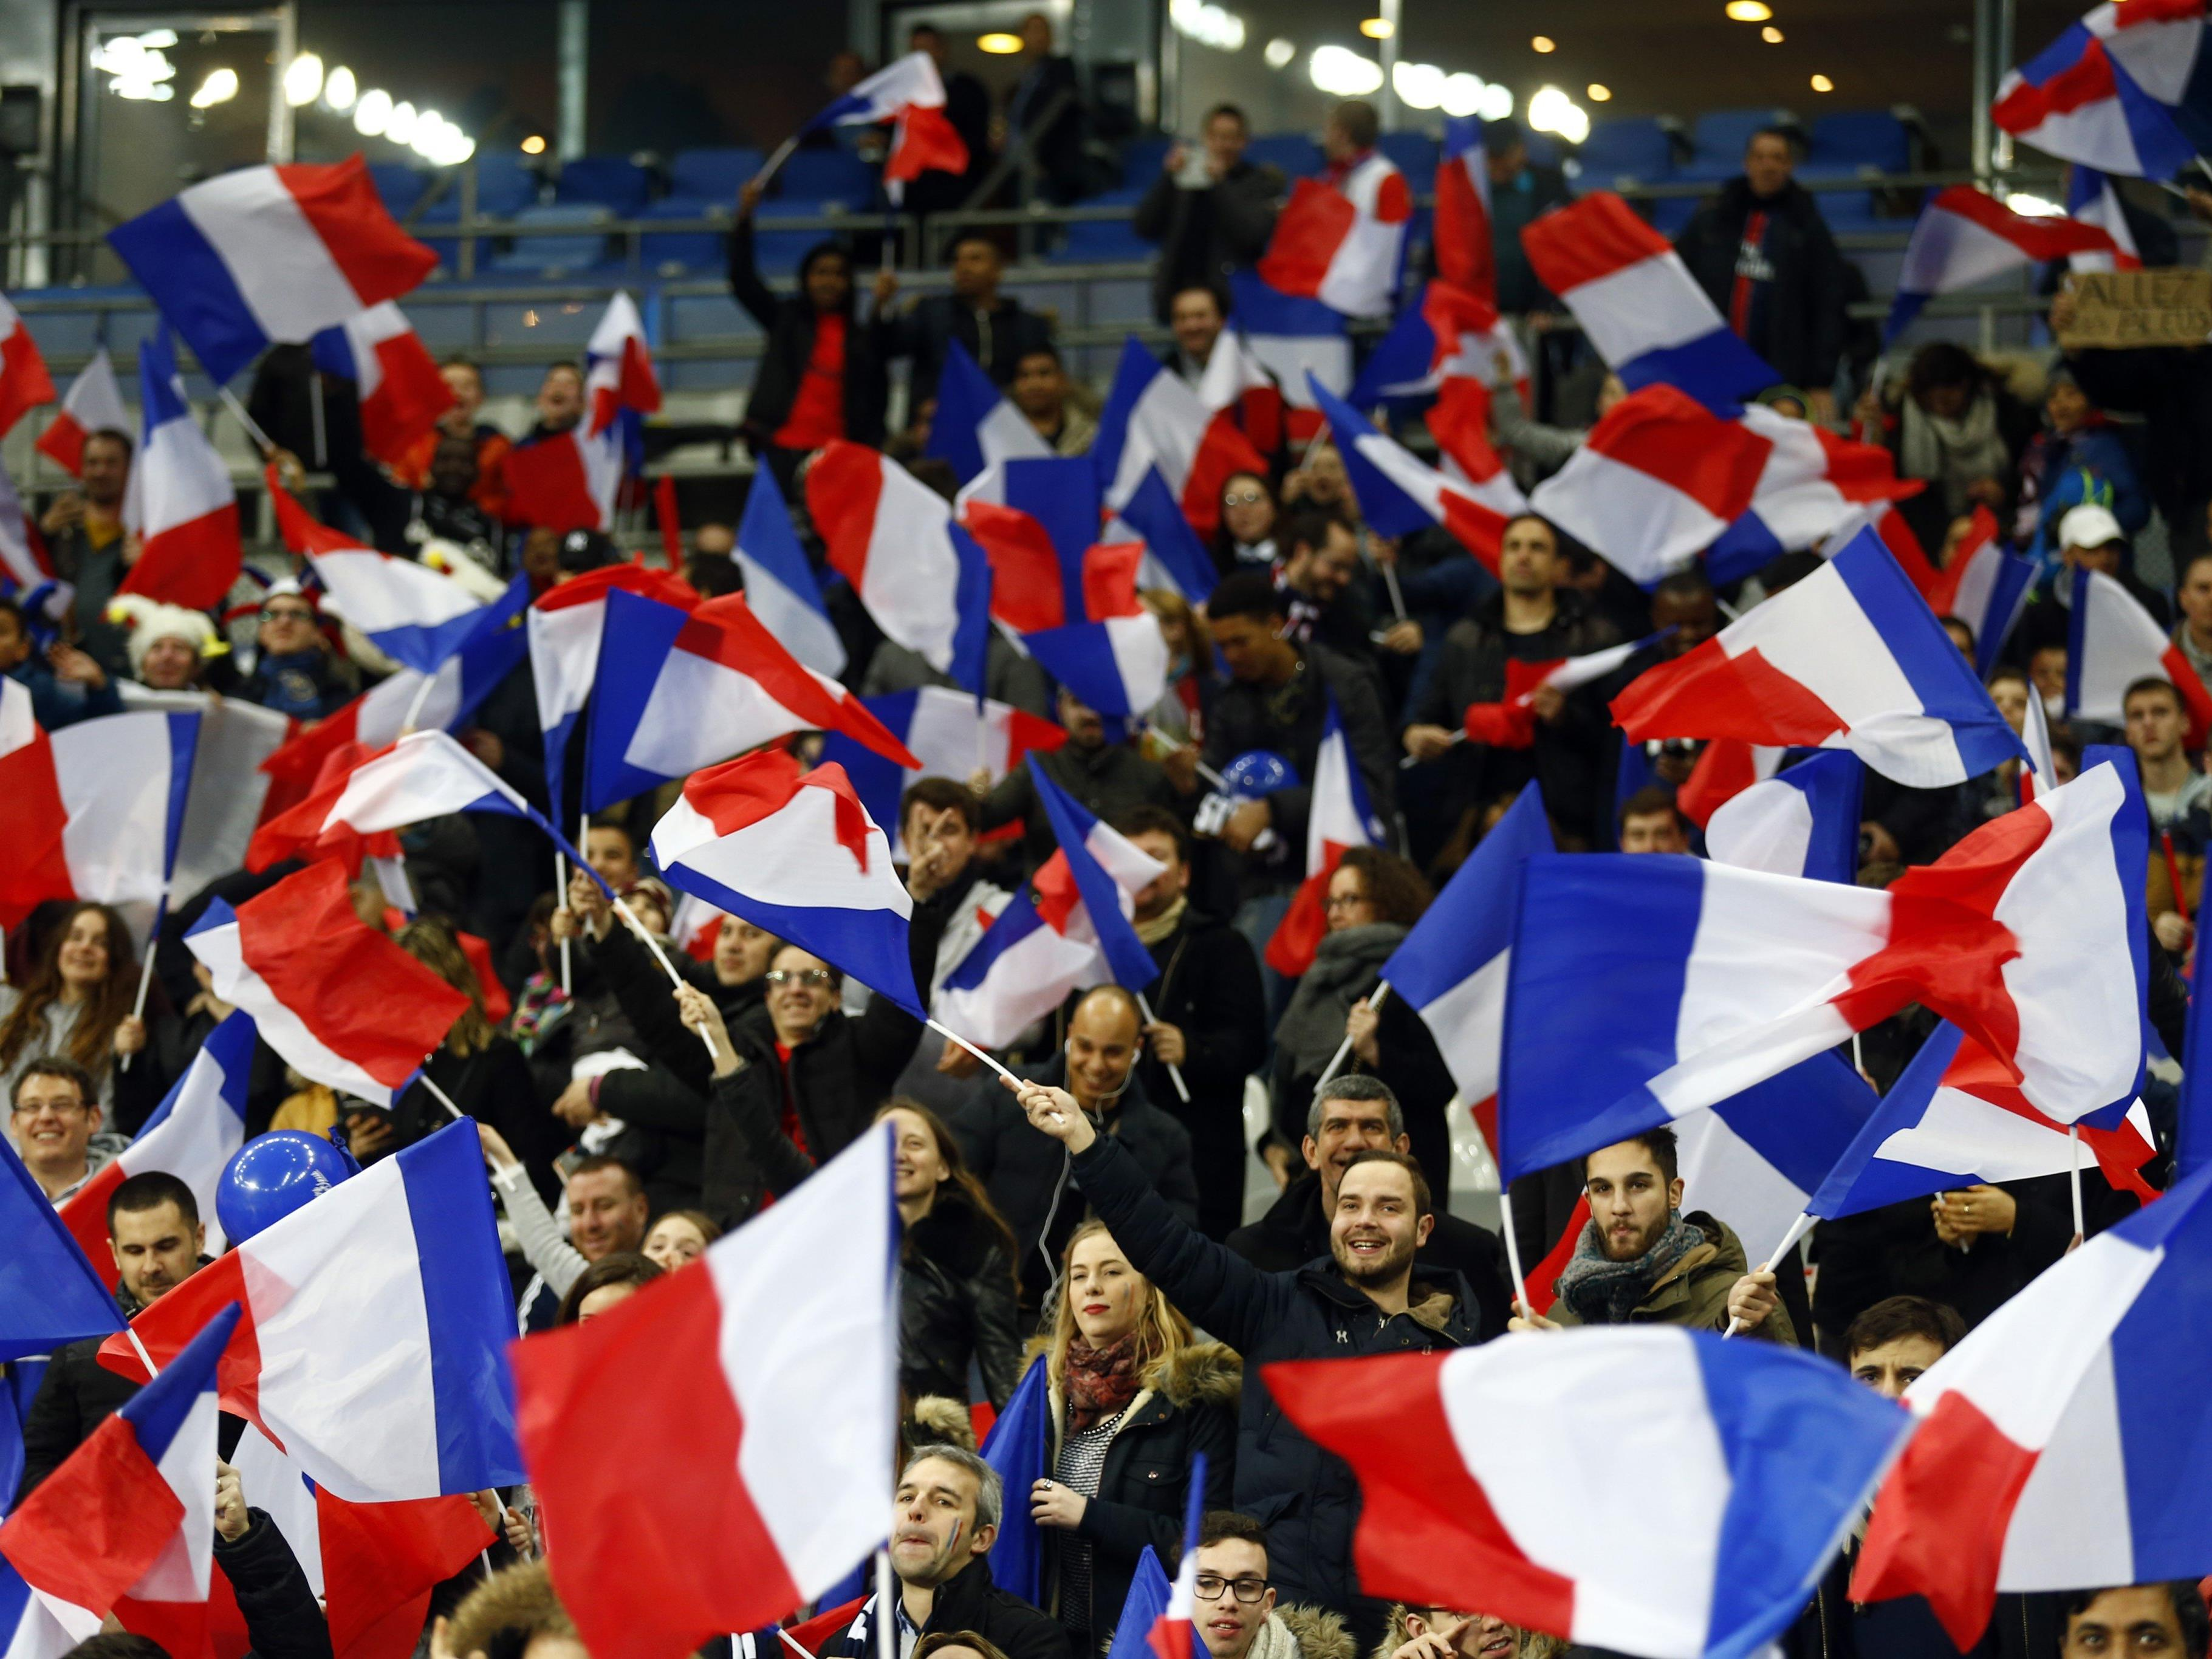 Die französischen Fans singen bei der EM 2016 auf englisch.